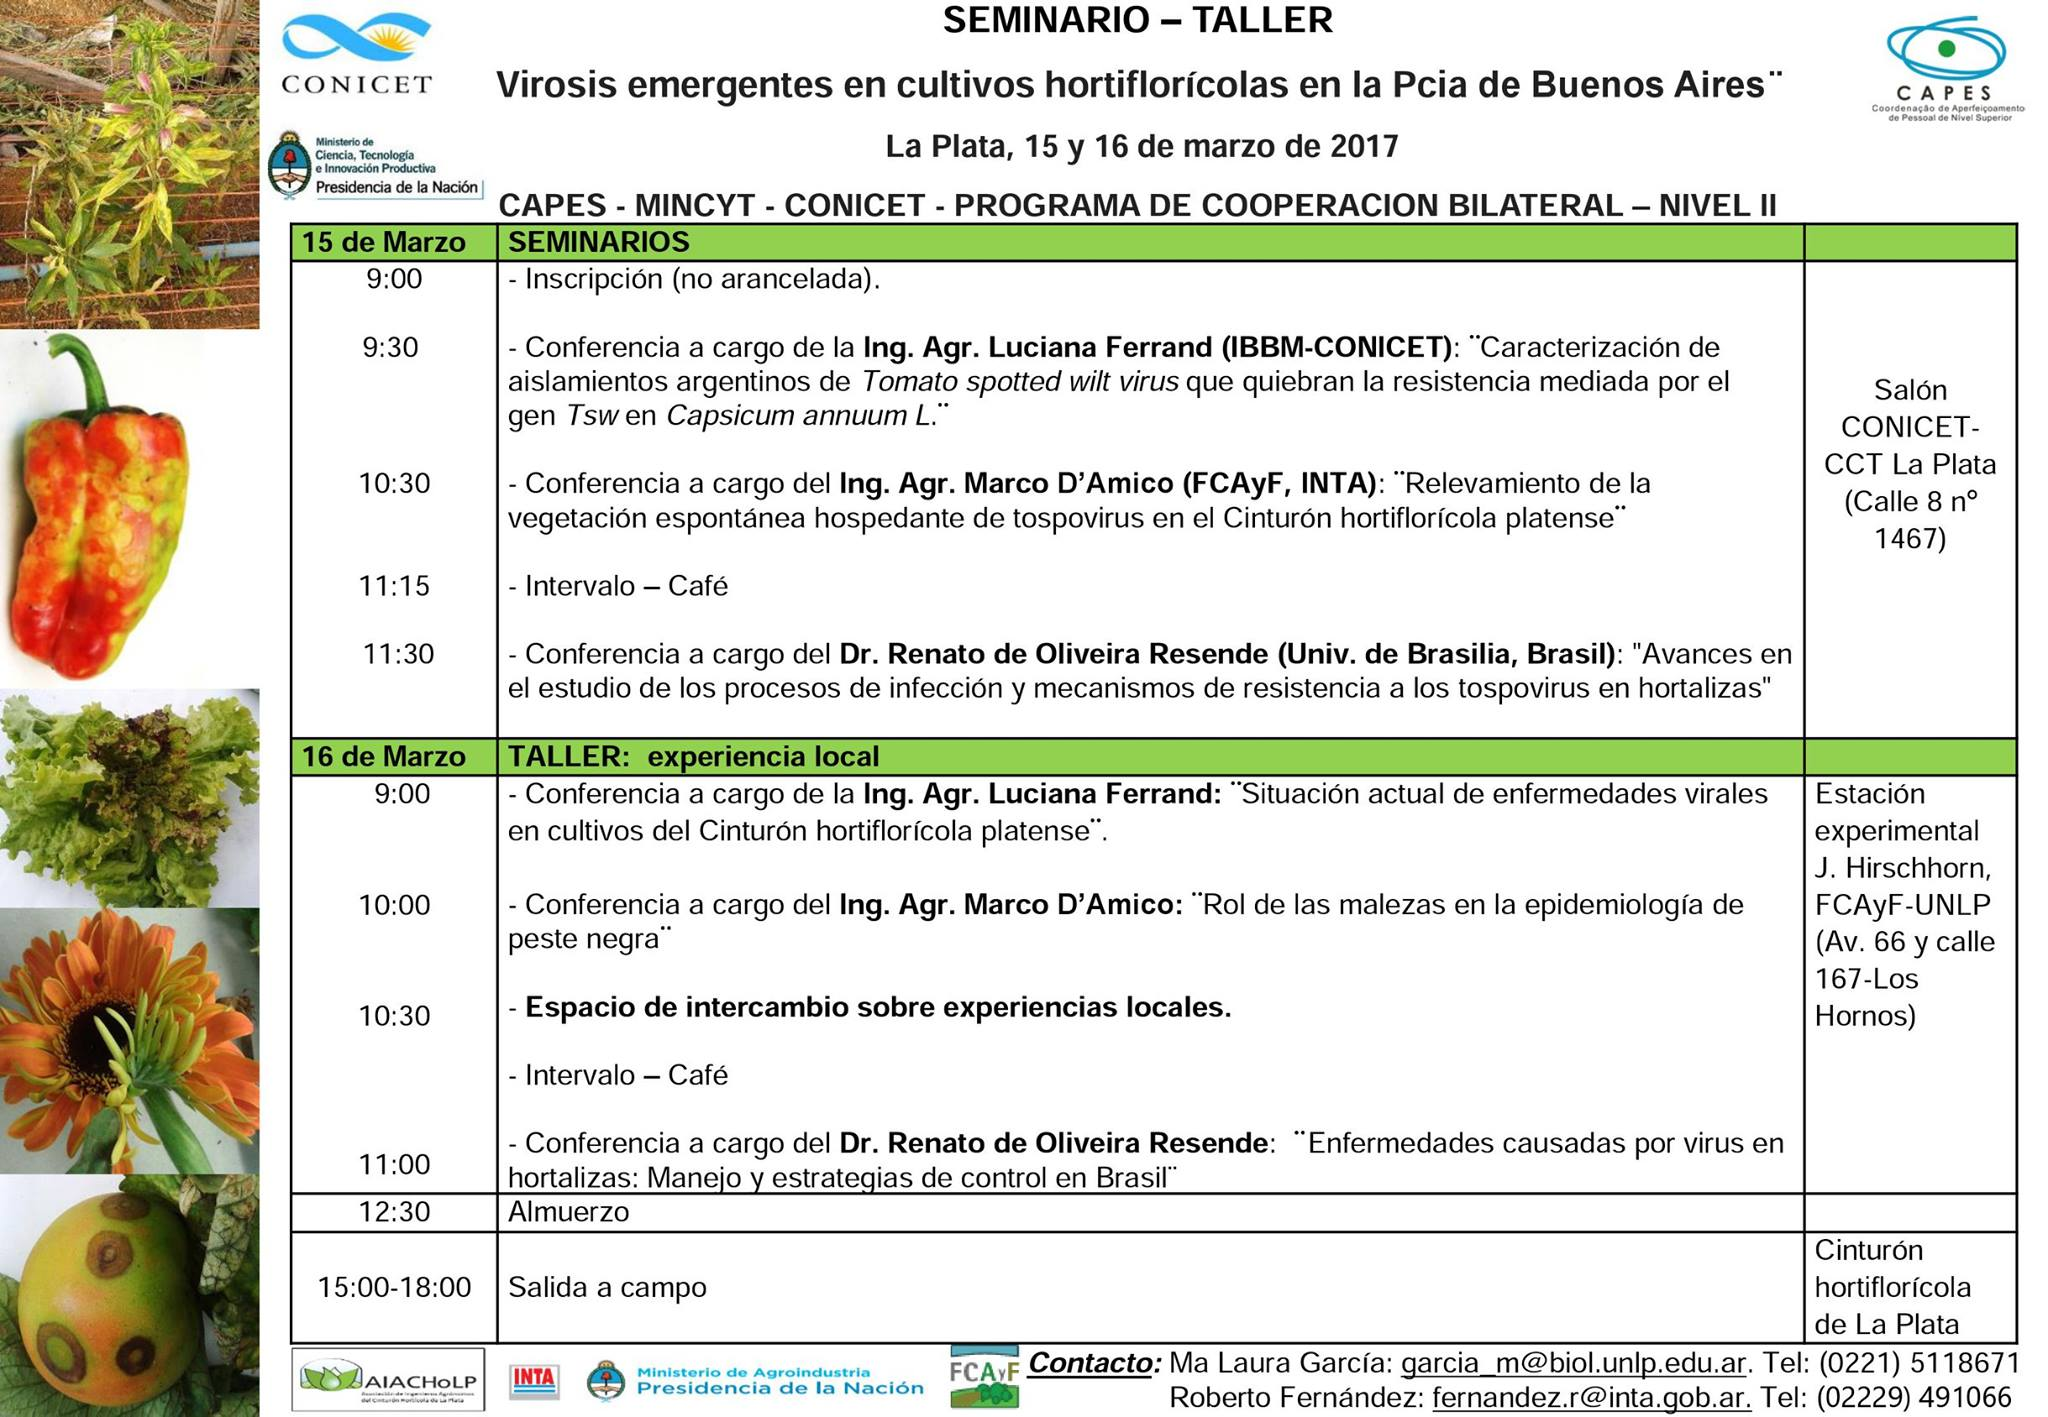 Seminario-Taller Virosis emergentes en cultivos hortiflorícolas en la Pcia. de Buenos Aires